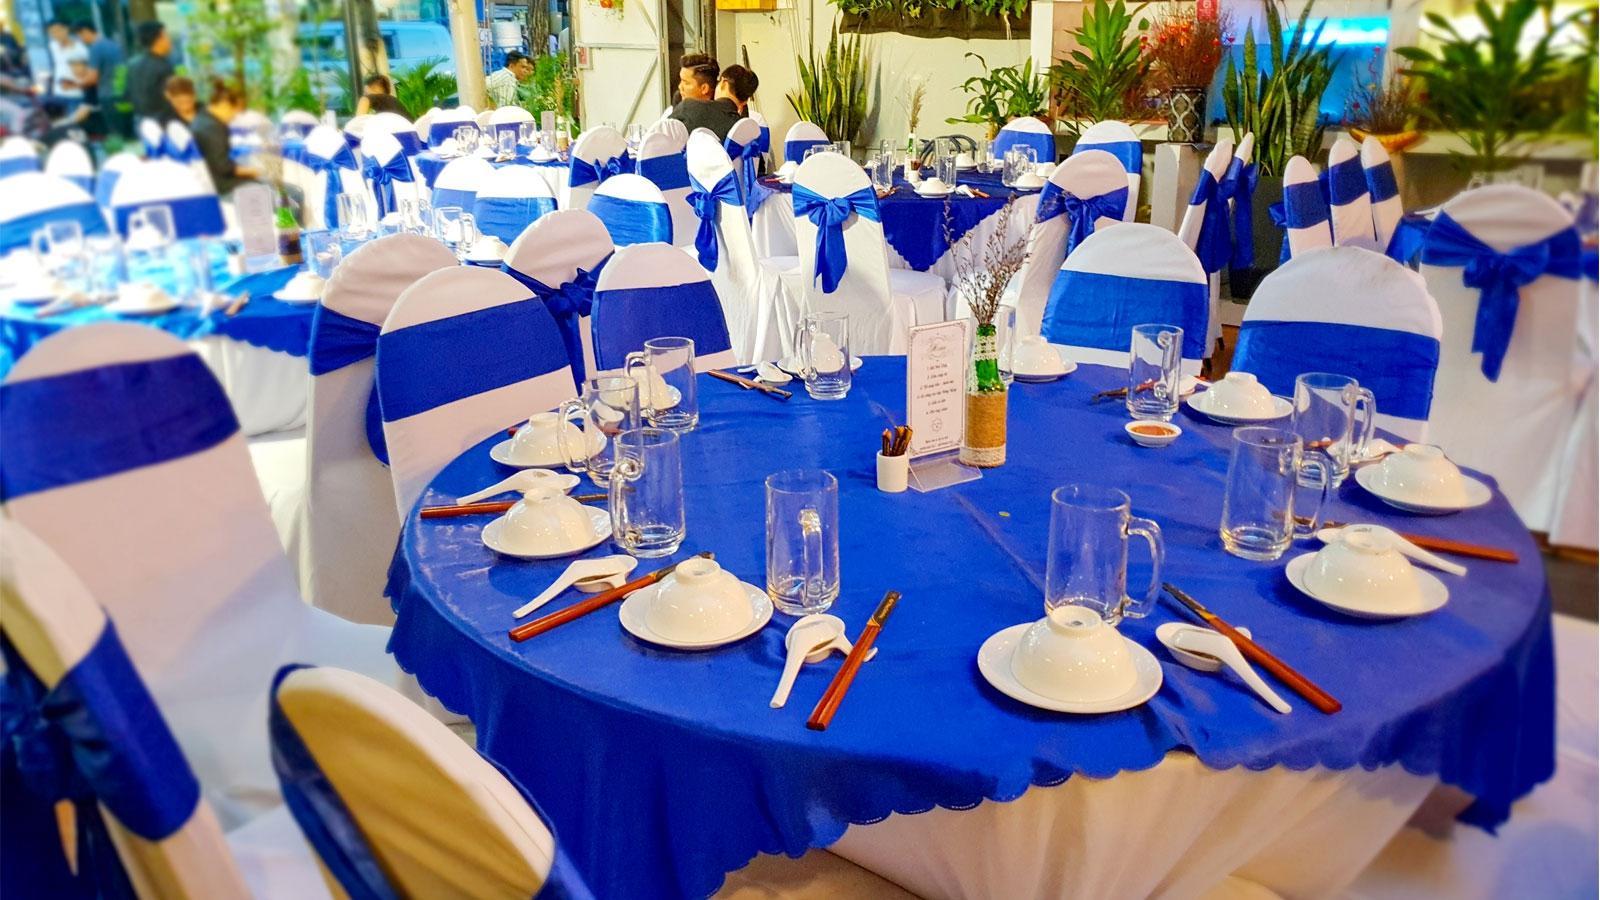 Xứng tầm 5 sao với dịch vụ tổ chức tiệc hội nghị Hai Thụy catering